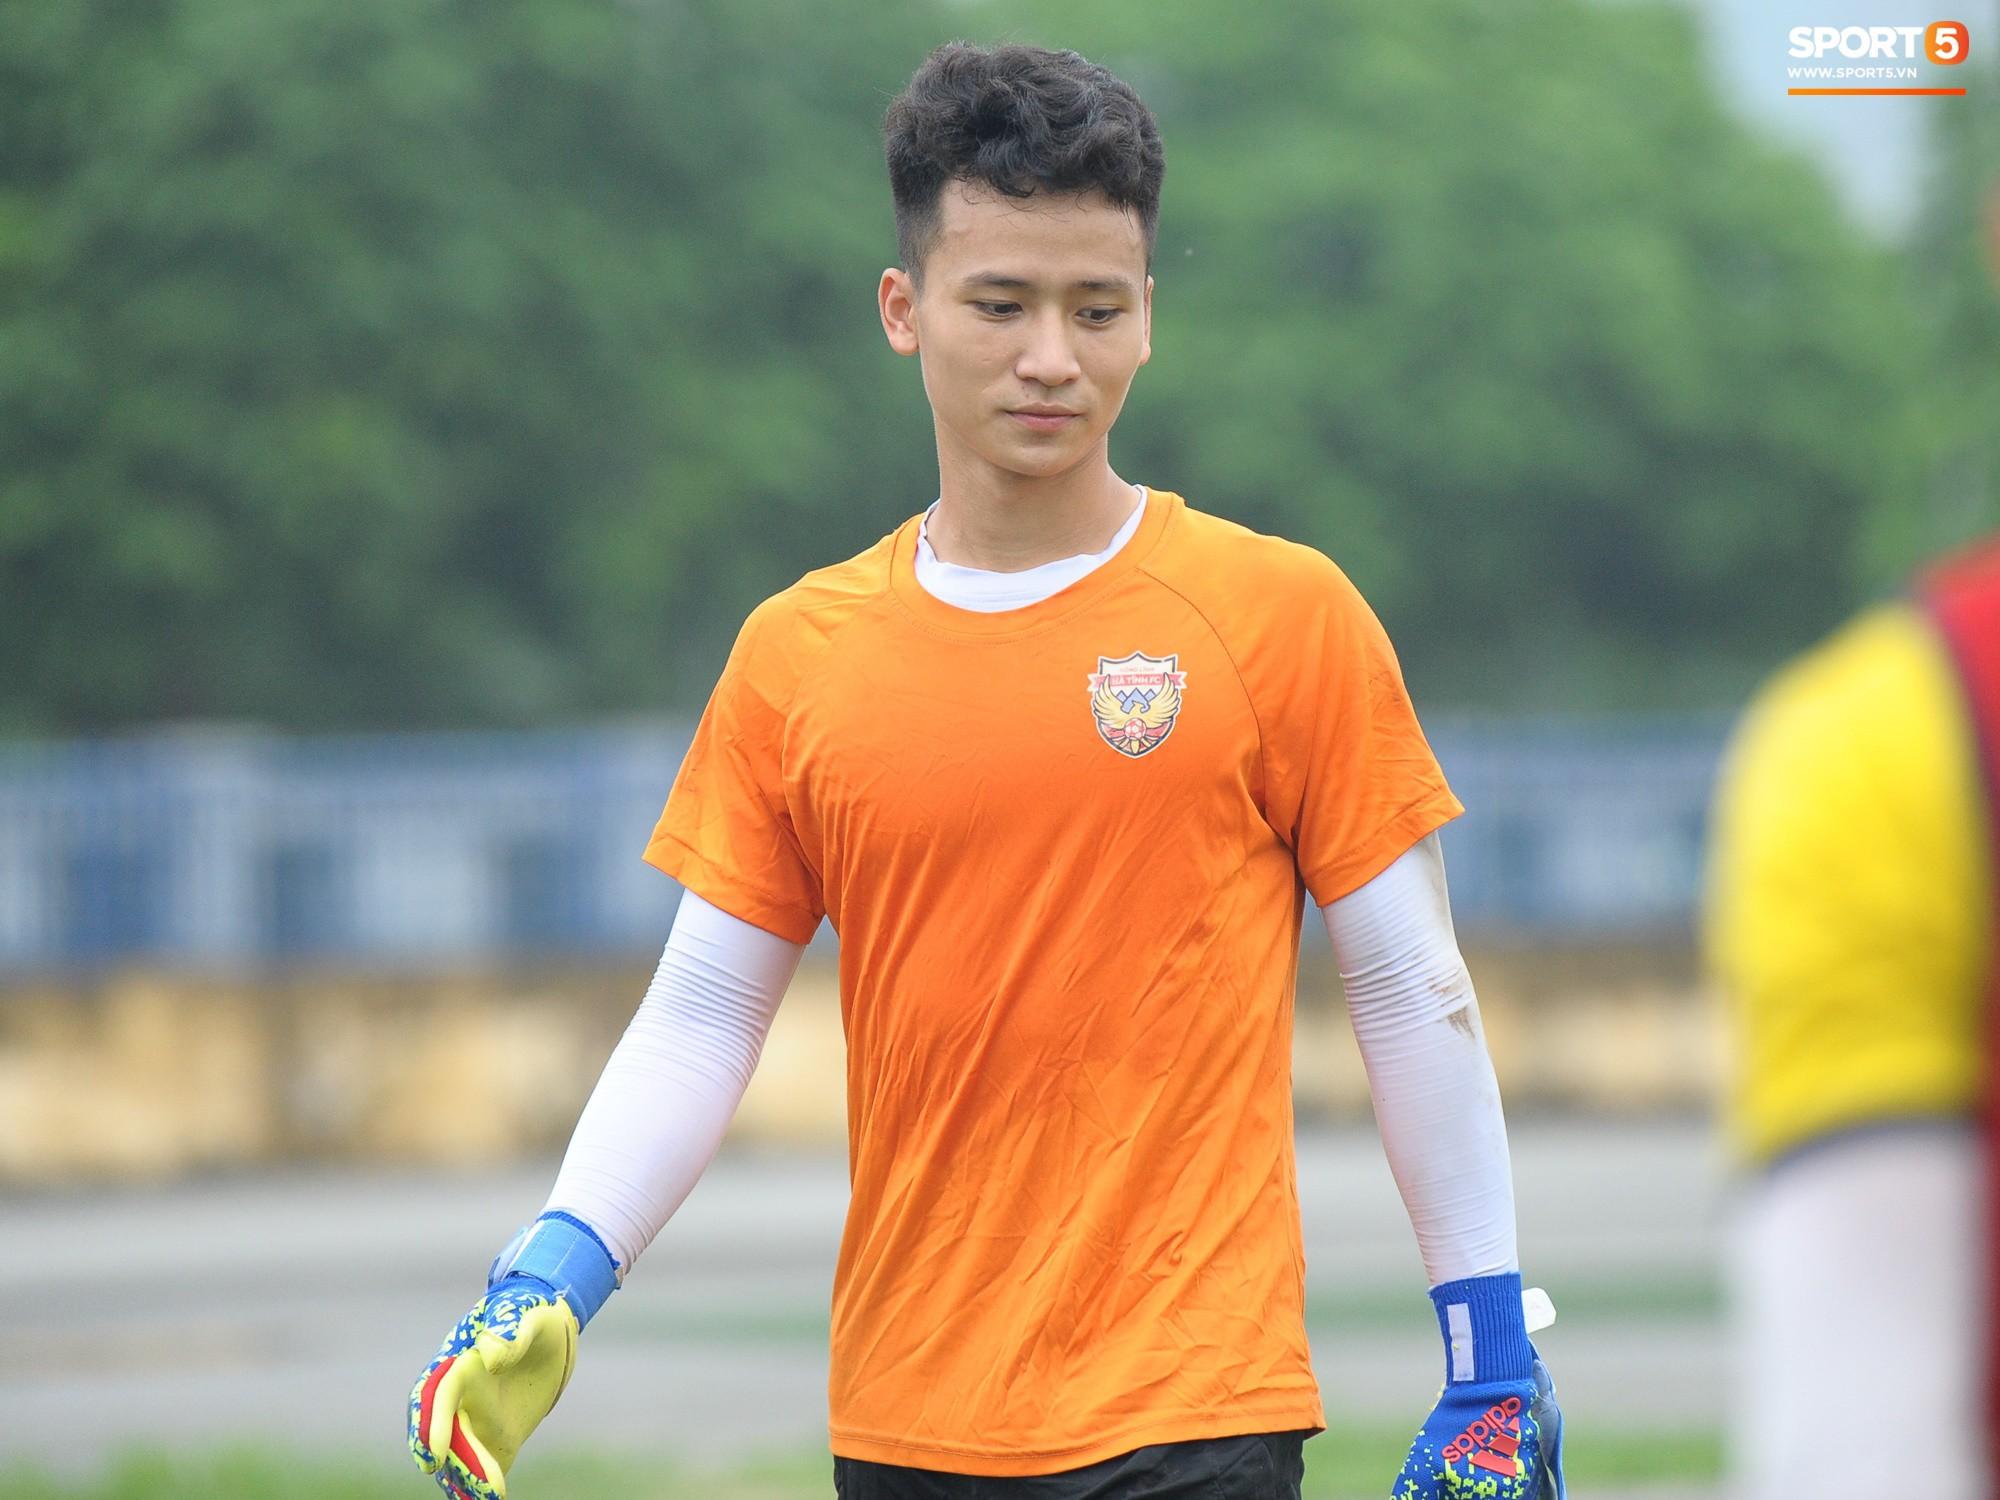 Dàn hot boy U22 Việt Nam khoác áo Hà Tĩnh FC đùa vui cực nhí nhảnh trước trận gặp Phù Đổng FC - Ảnh 7.